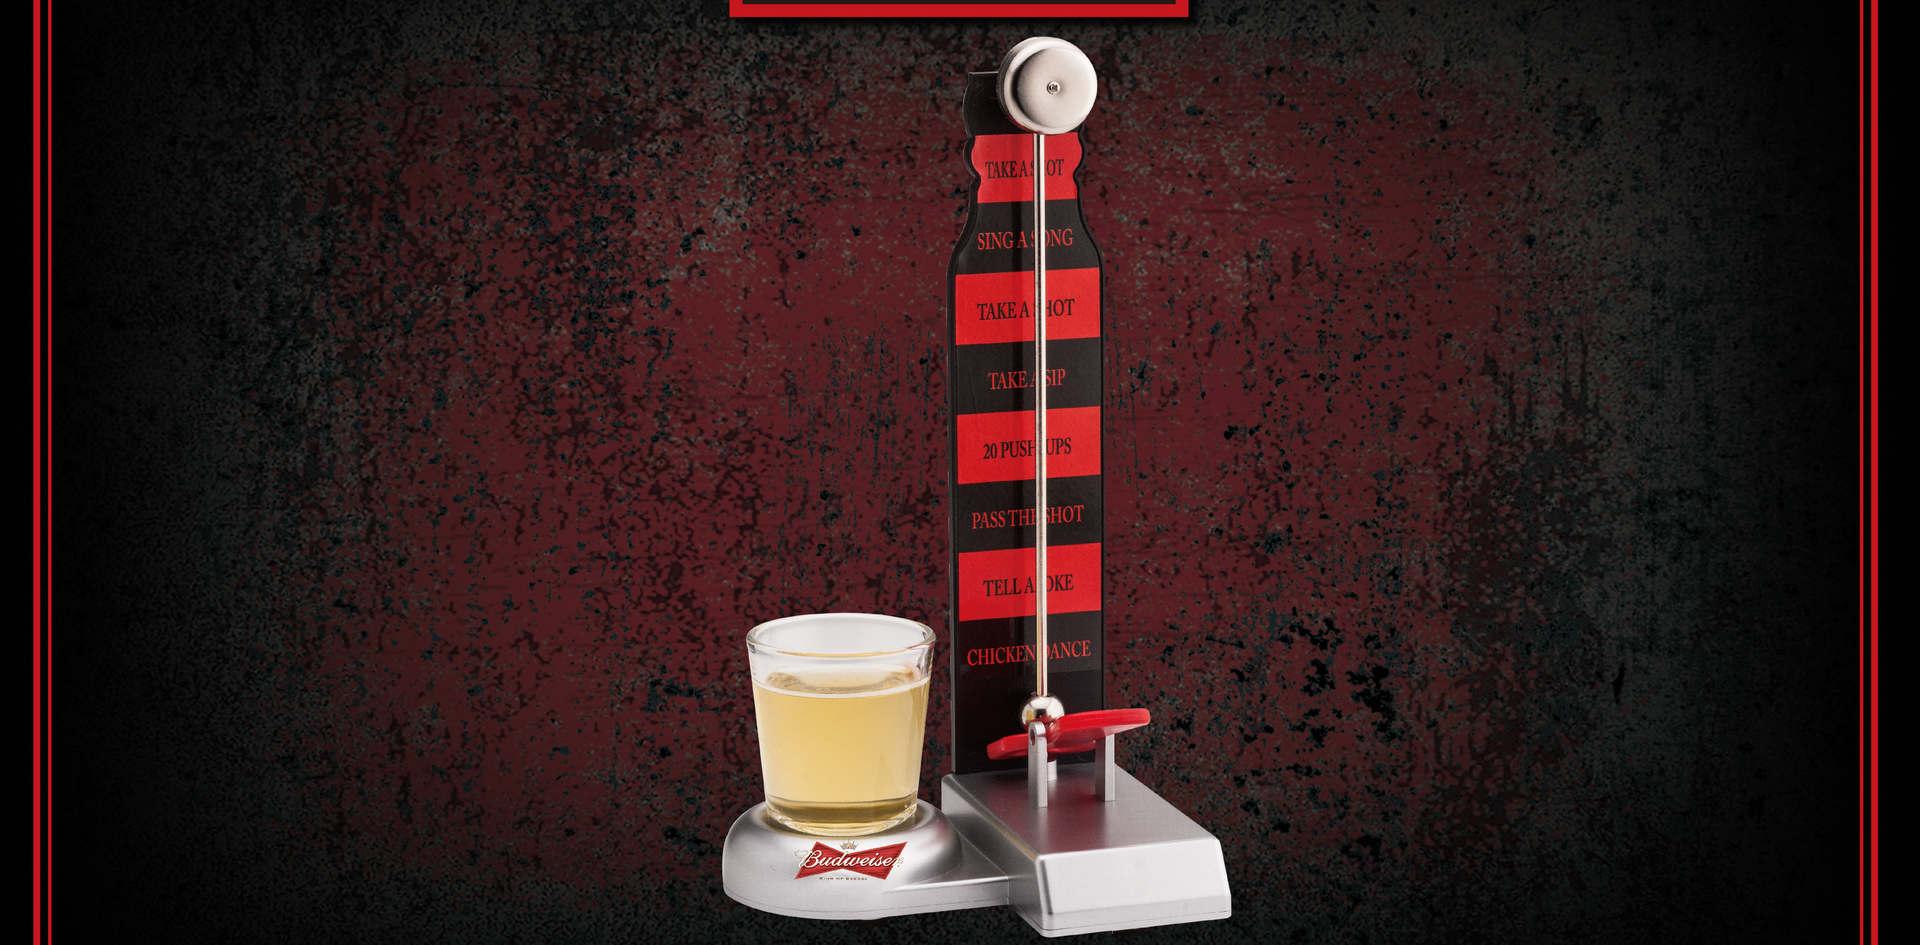 百威啤酒(BUDWEISER)桌遊-啤酒升高按鈕設計.jpg